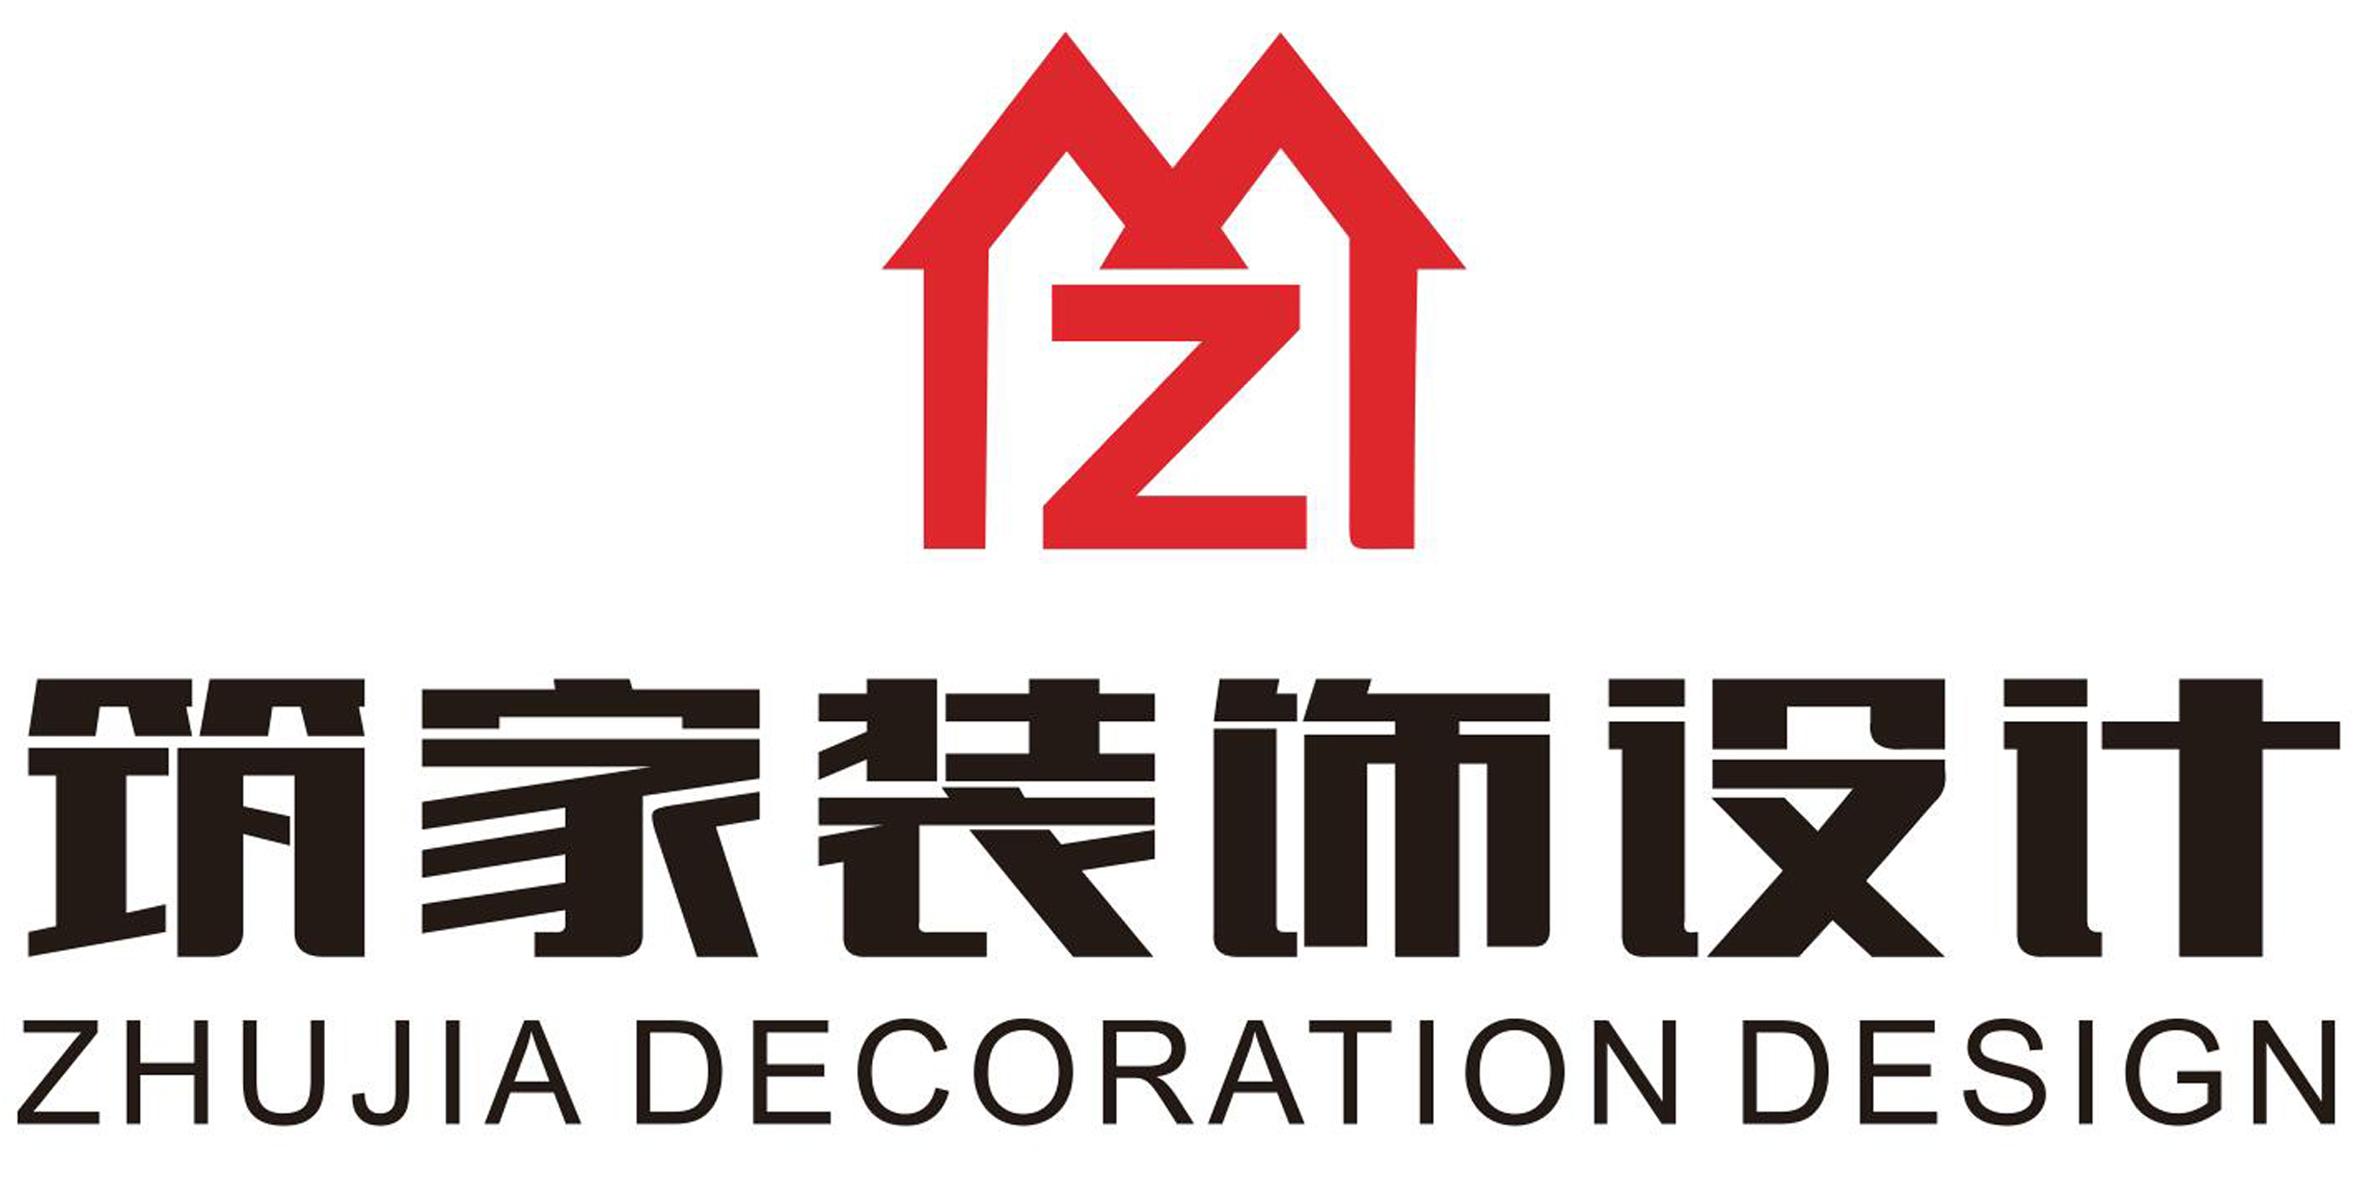 三明市梅列区筑家装饰设计工作室